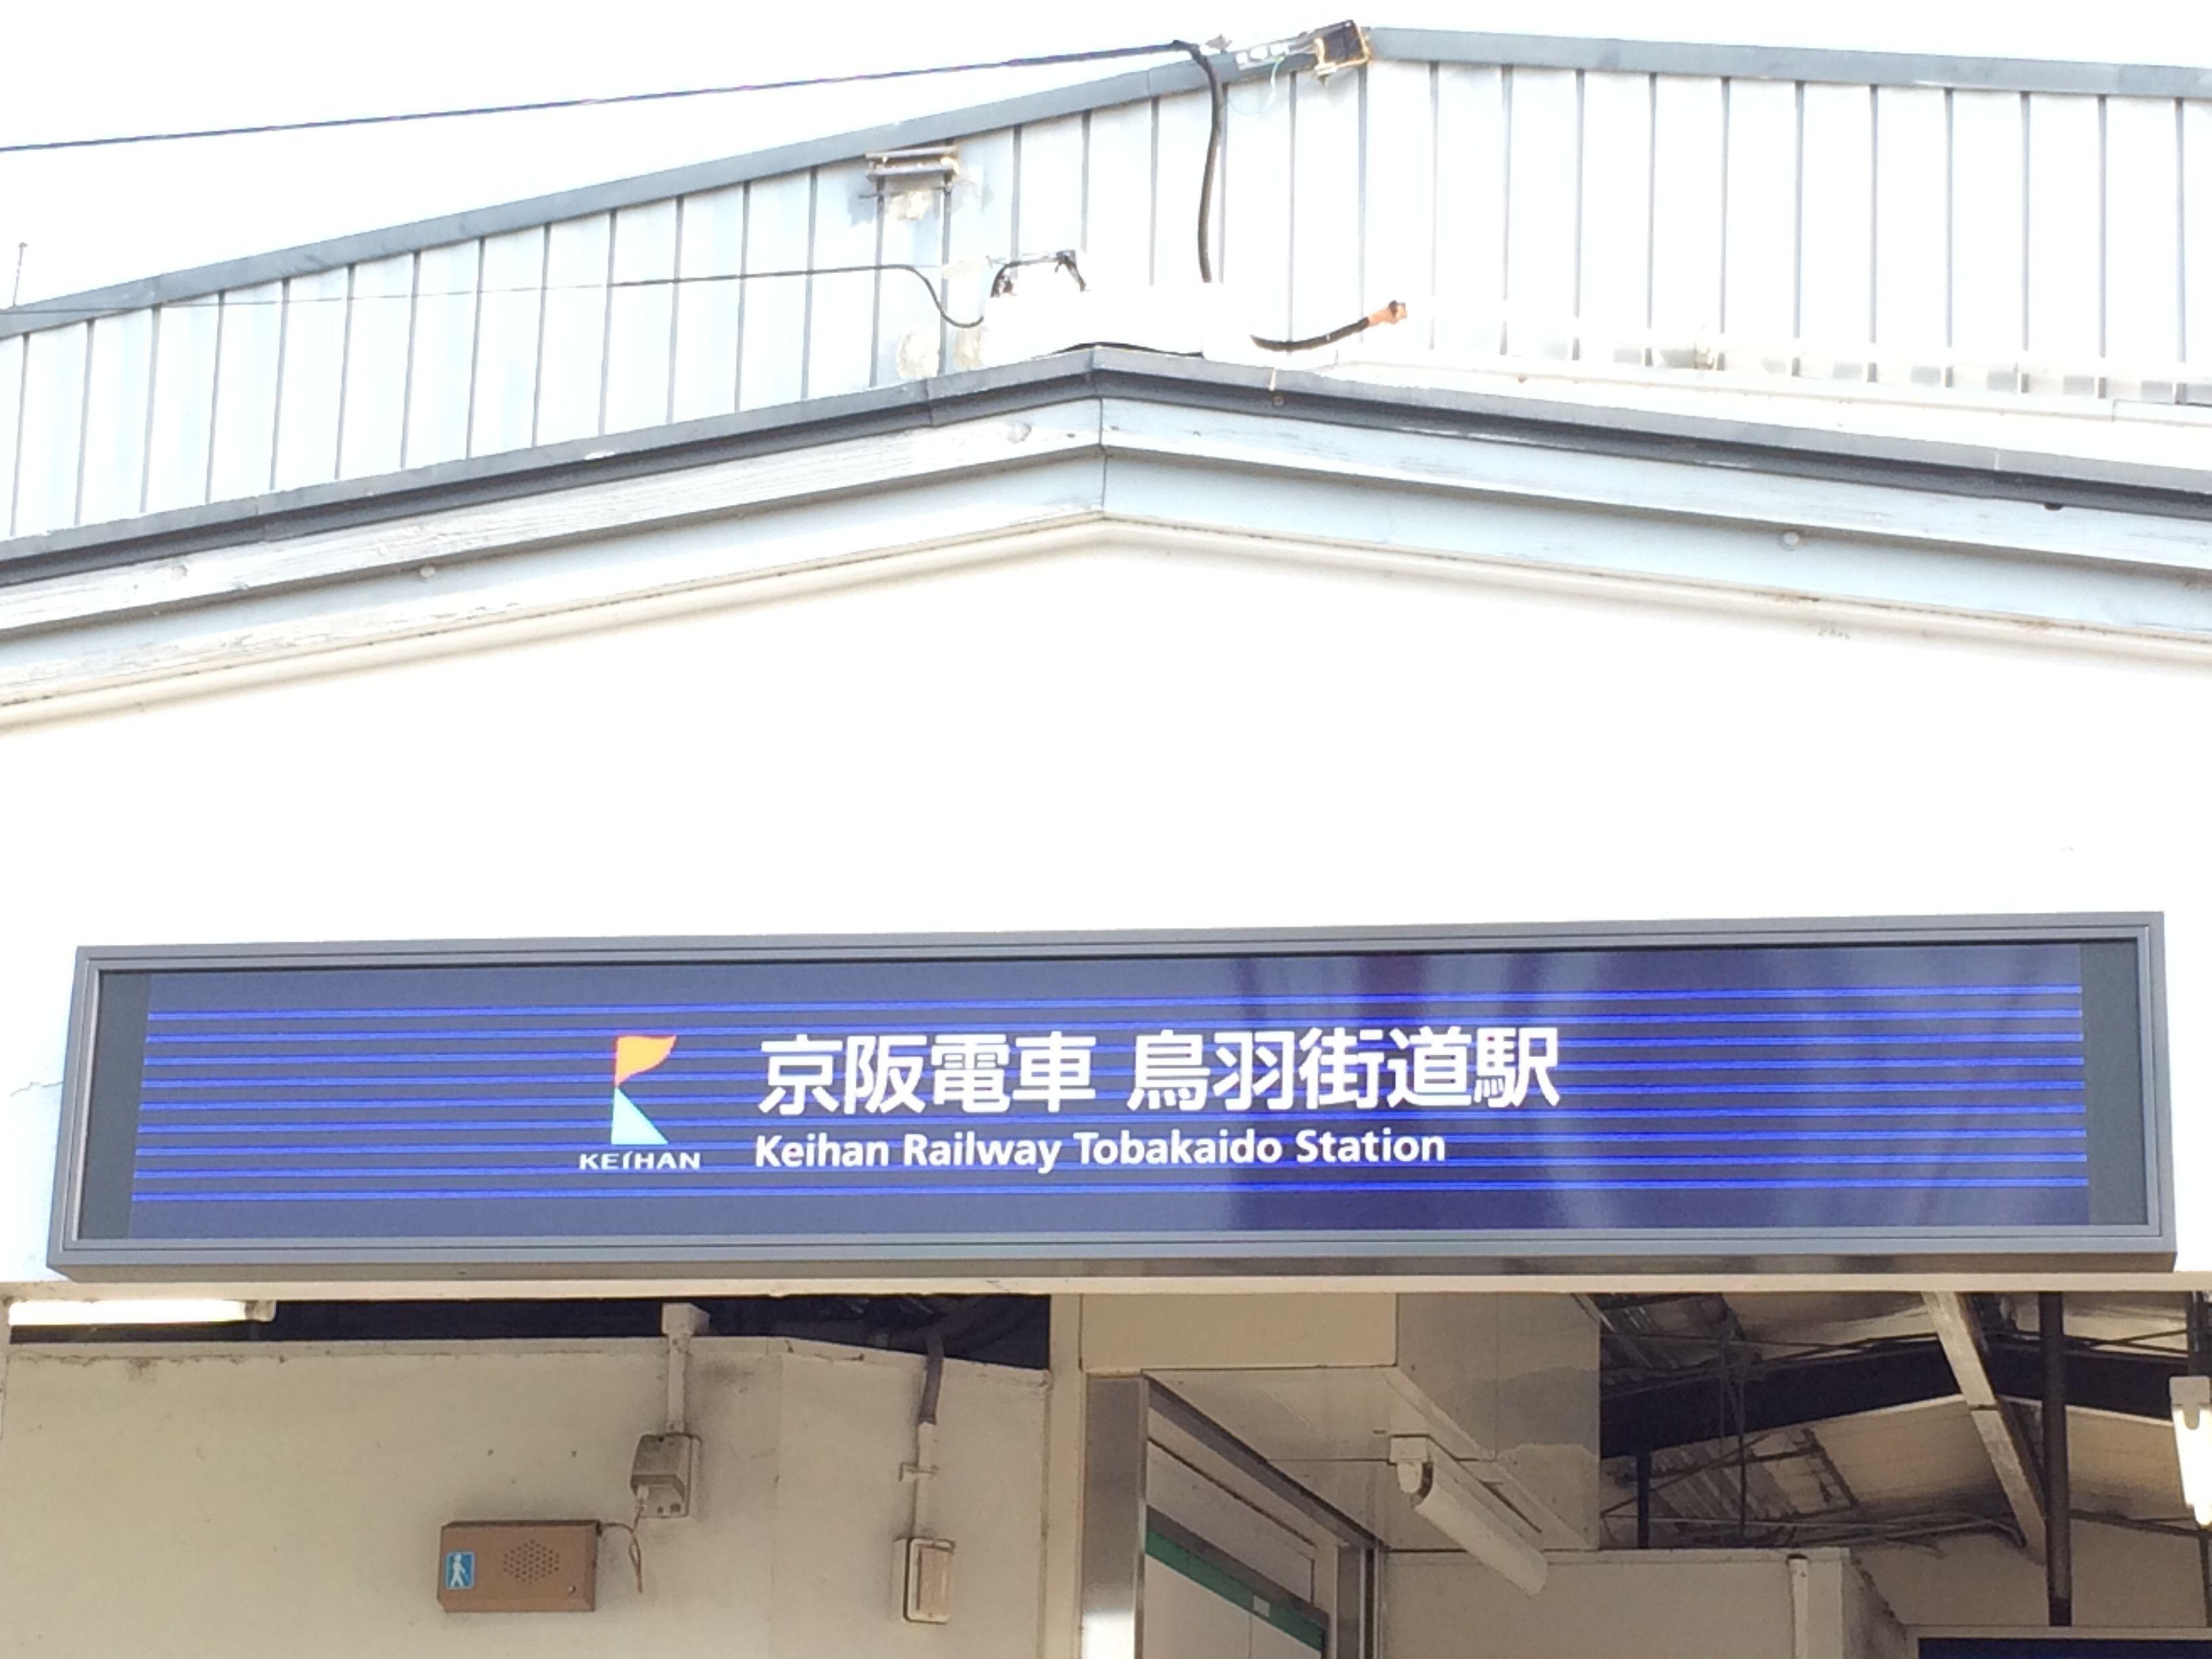 京阪本線 鳥羽街道駅 京都 Kyoto Japan